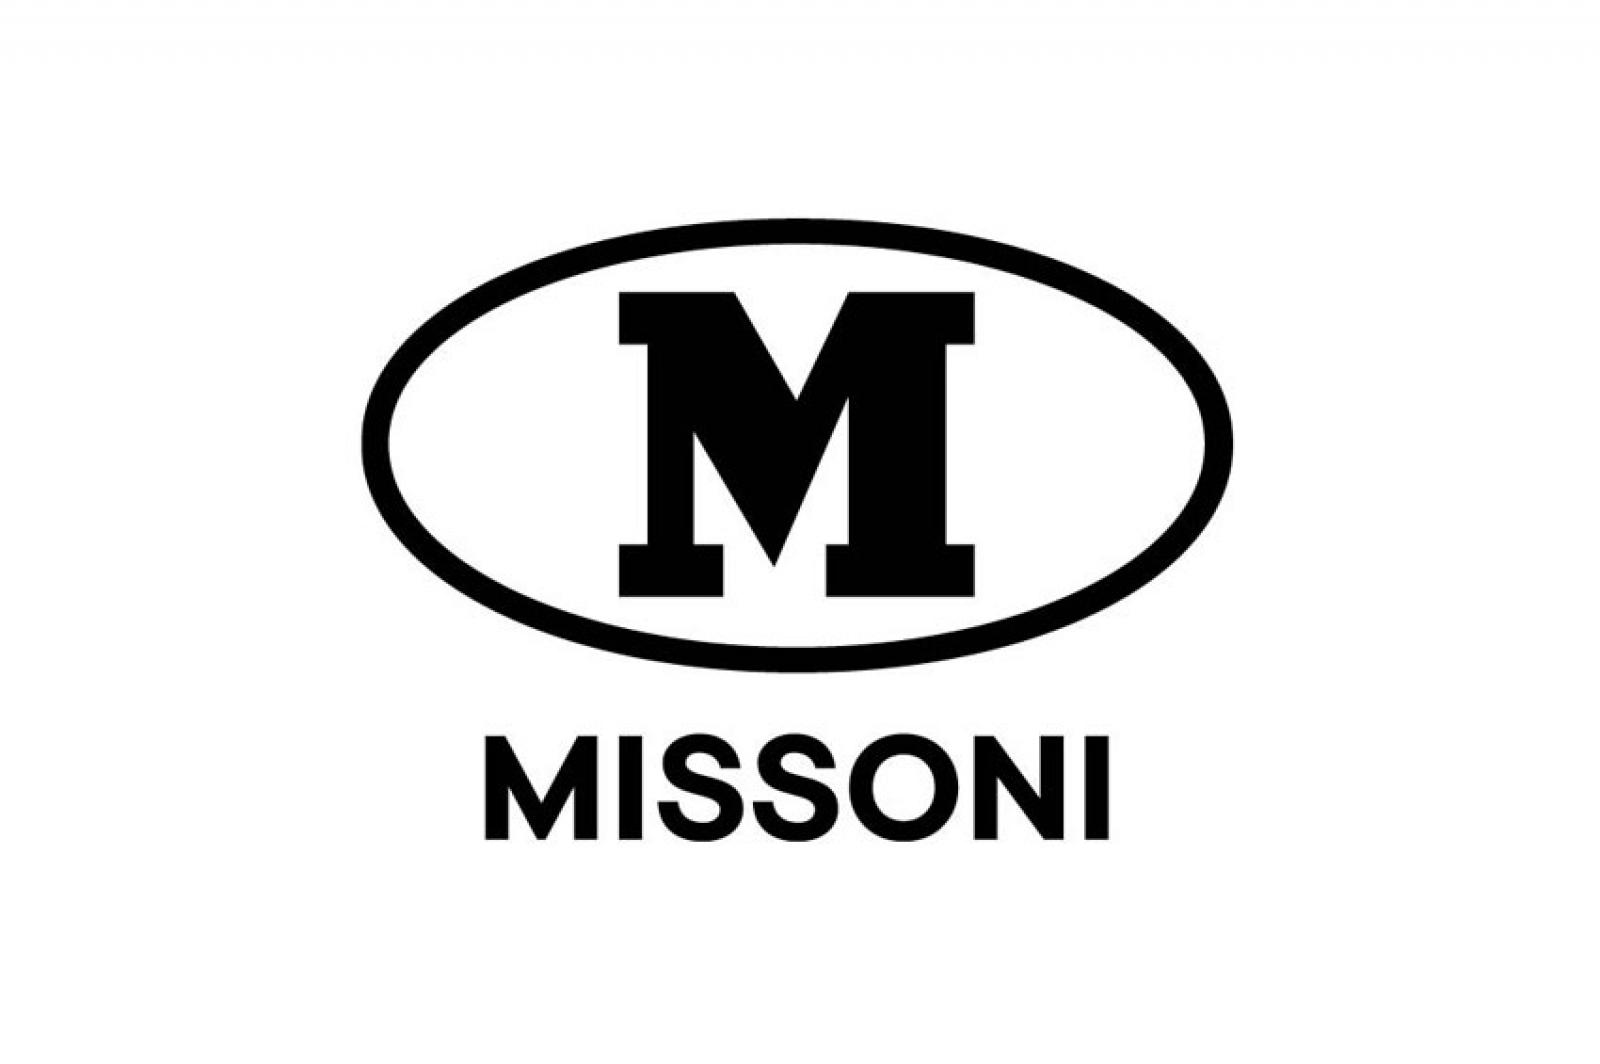 Η M MISSONI Παρουσιάζει τη Νέα Συλλογή Γυαλιών ΑΝΟΙΞΗ/ΚΑΛΟΚΑΙΡΙ 2021